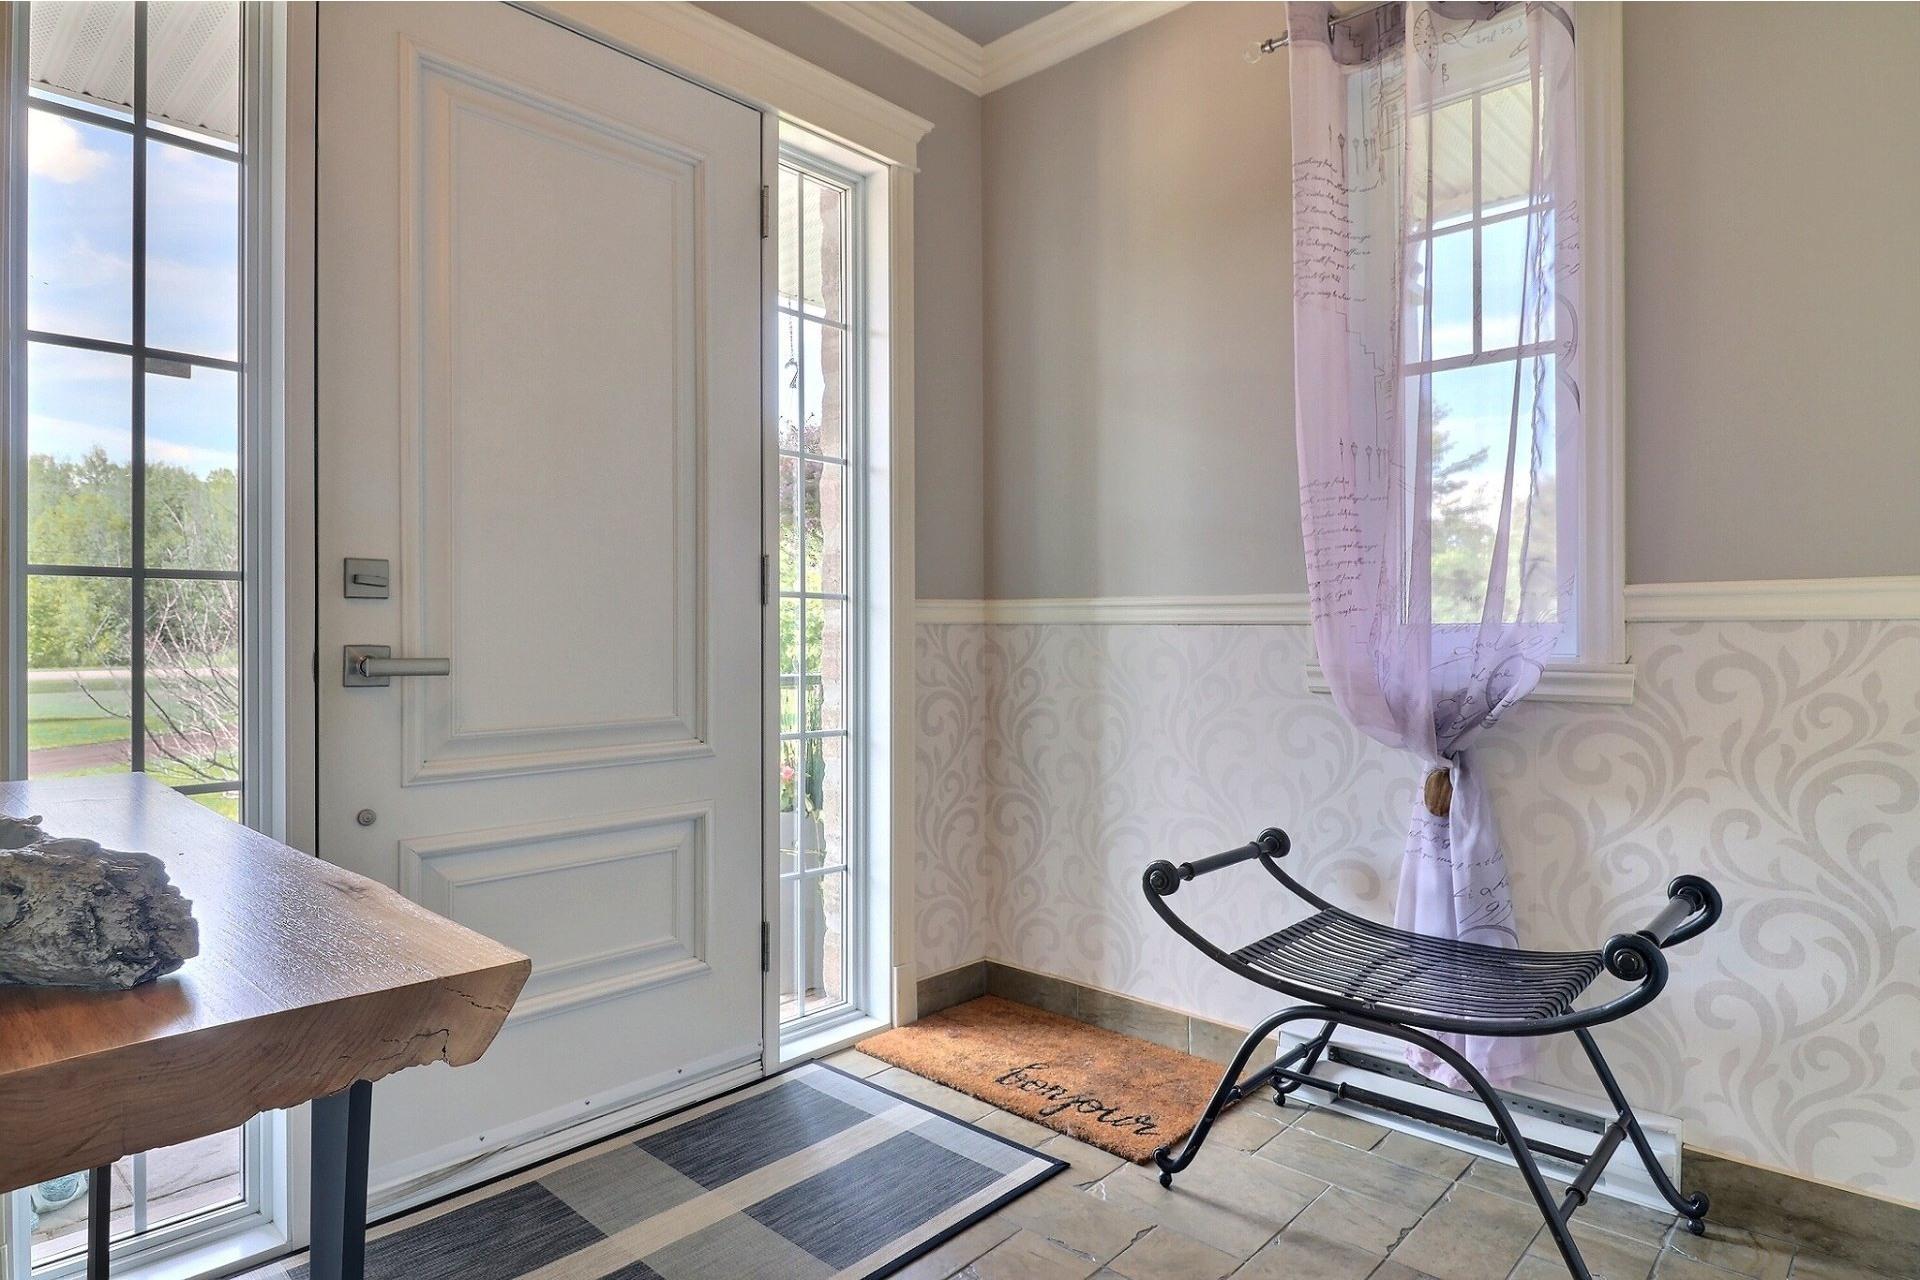 image 2 - Maison À vendre Saint-Roch-de-l'Achigan - 15 pièces